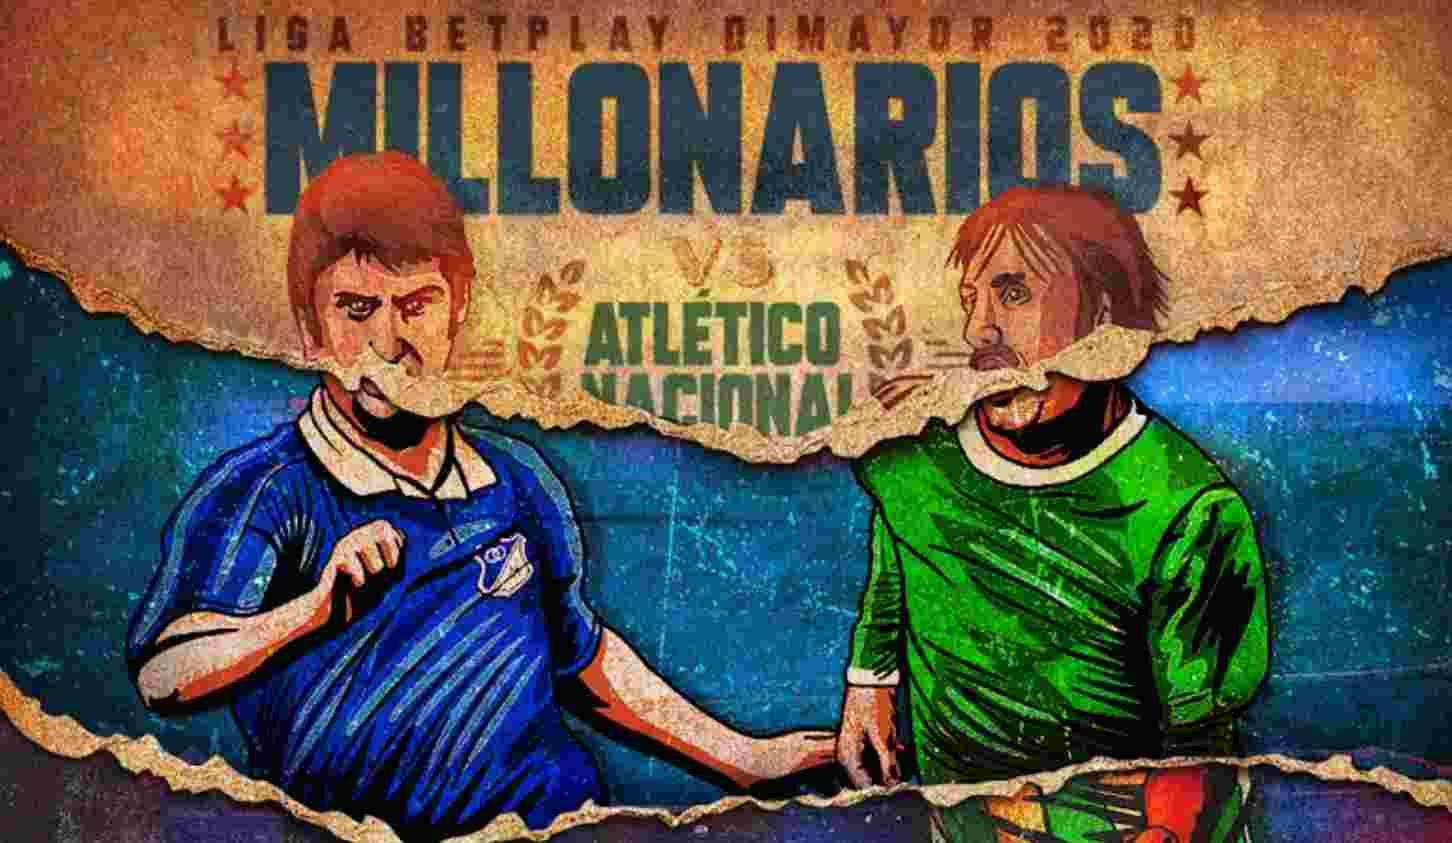 ¿Existen opciones para ver Millonarios vs. Nacional gratis?